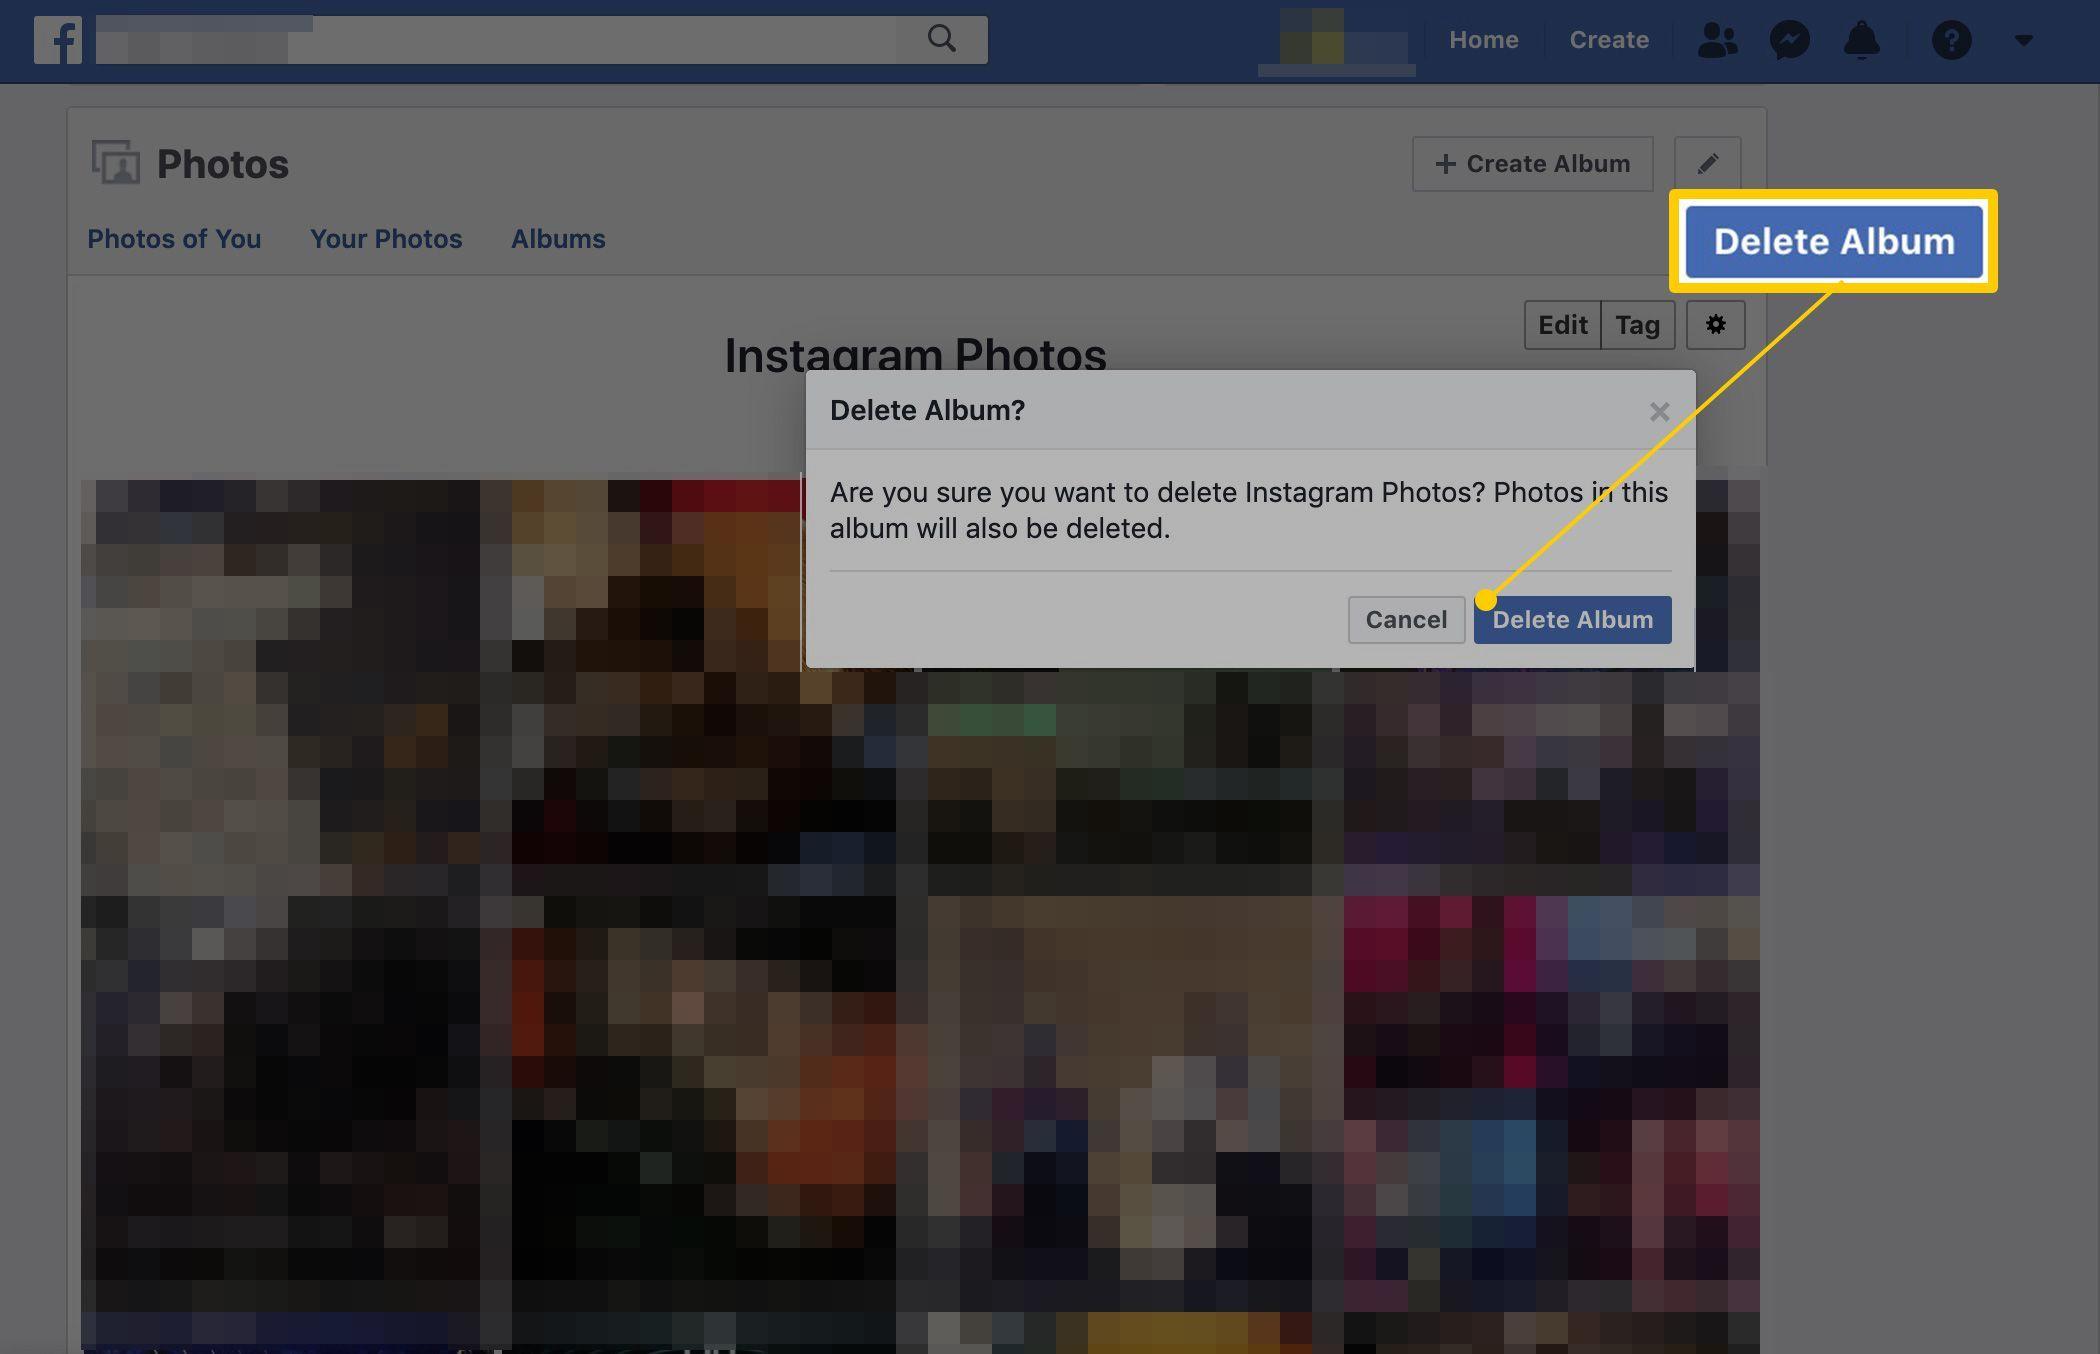 как в фейсбук обновить фото обложки любят